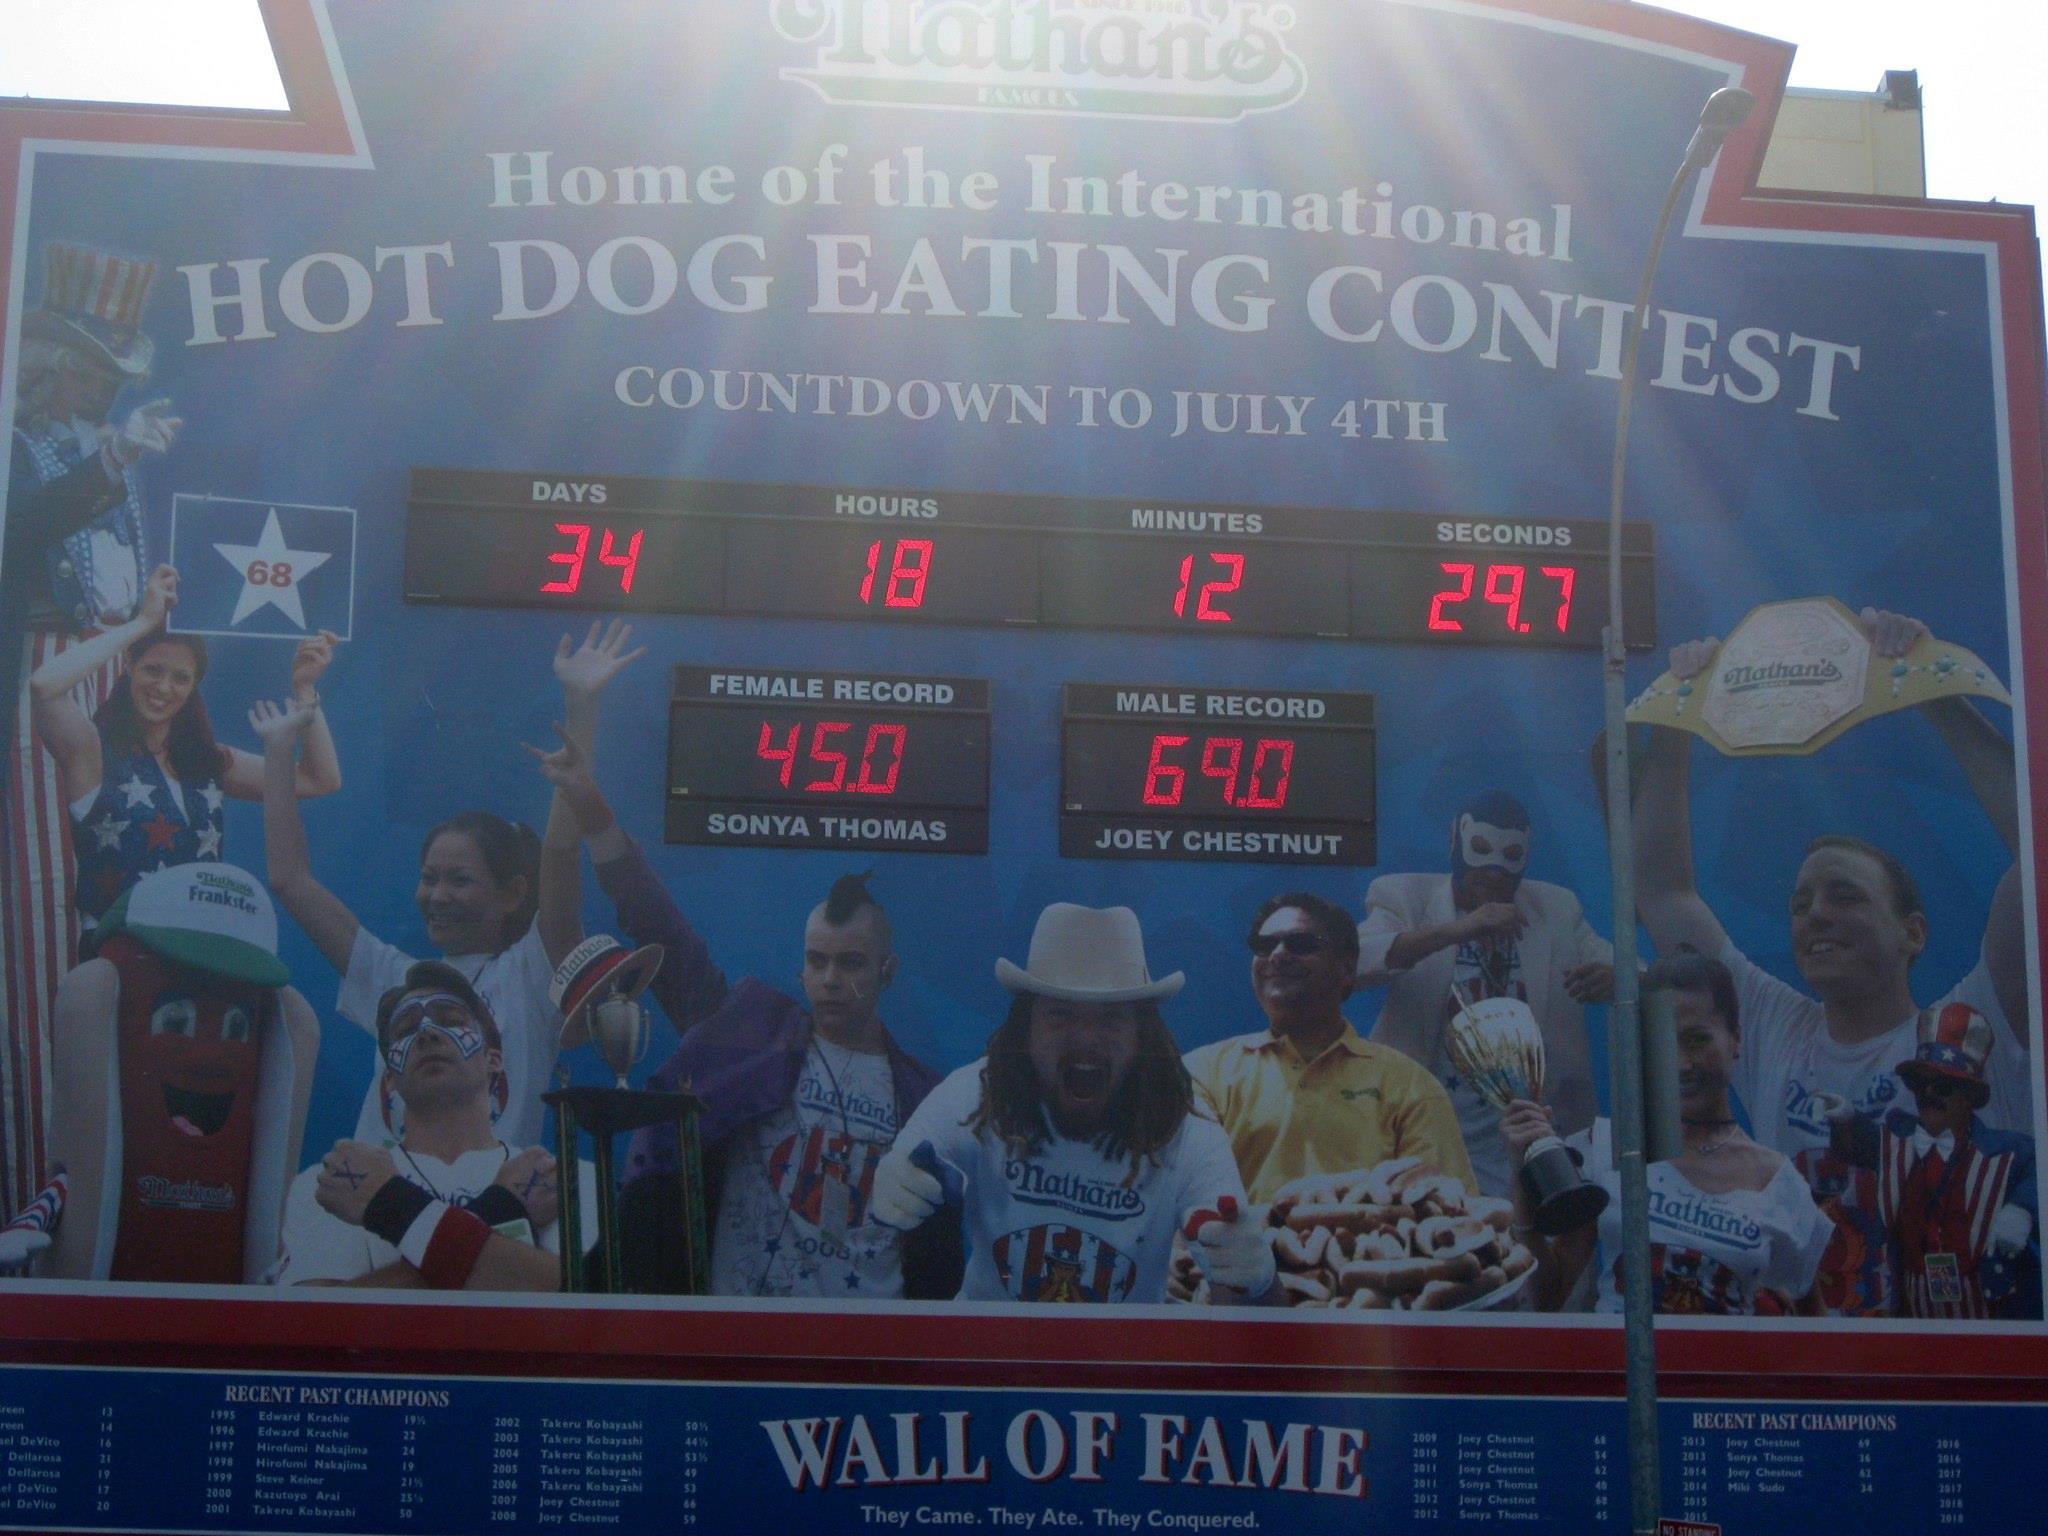 ¿Tiene más mérito Usain Bolt o el recordman mundial de ingesta de perritos calientes?